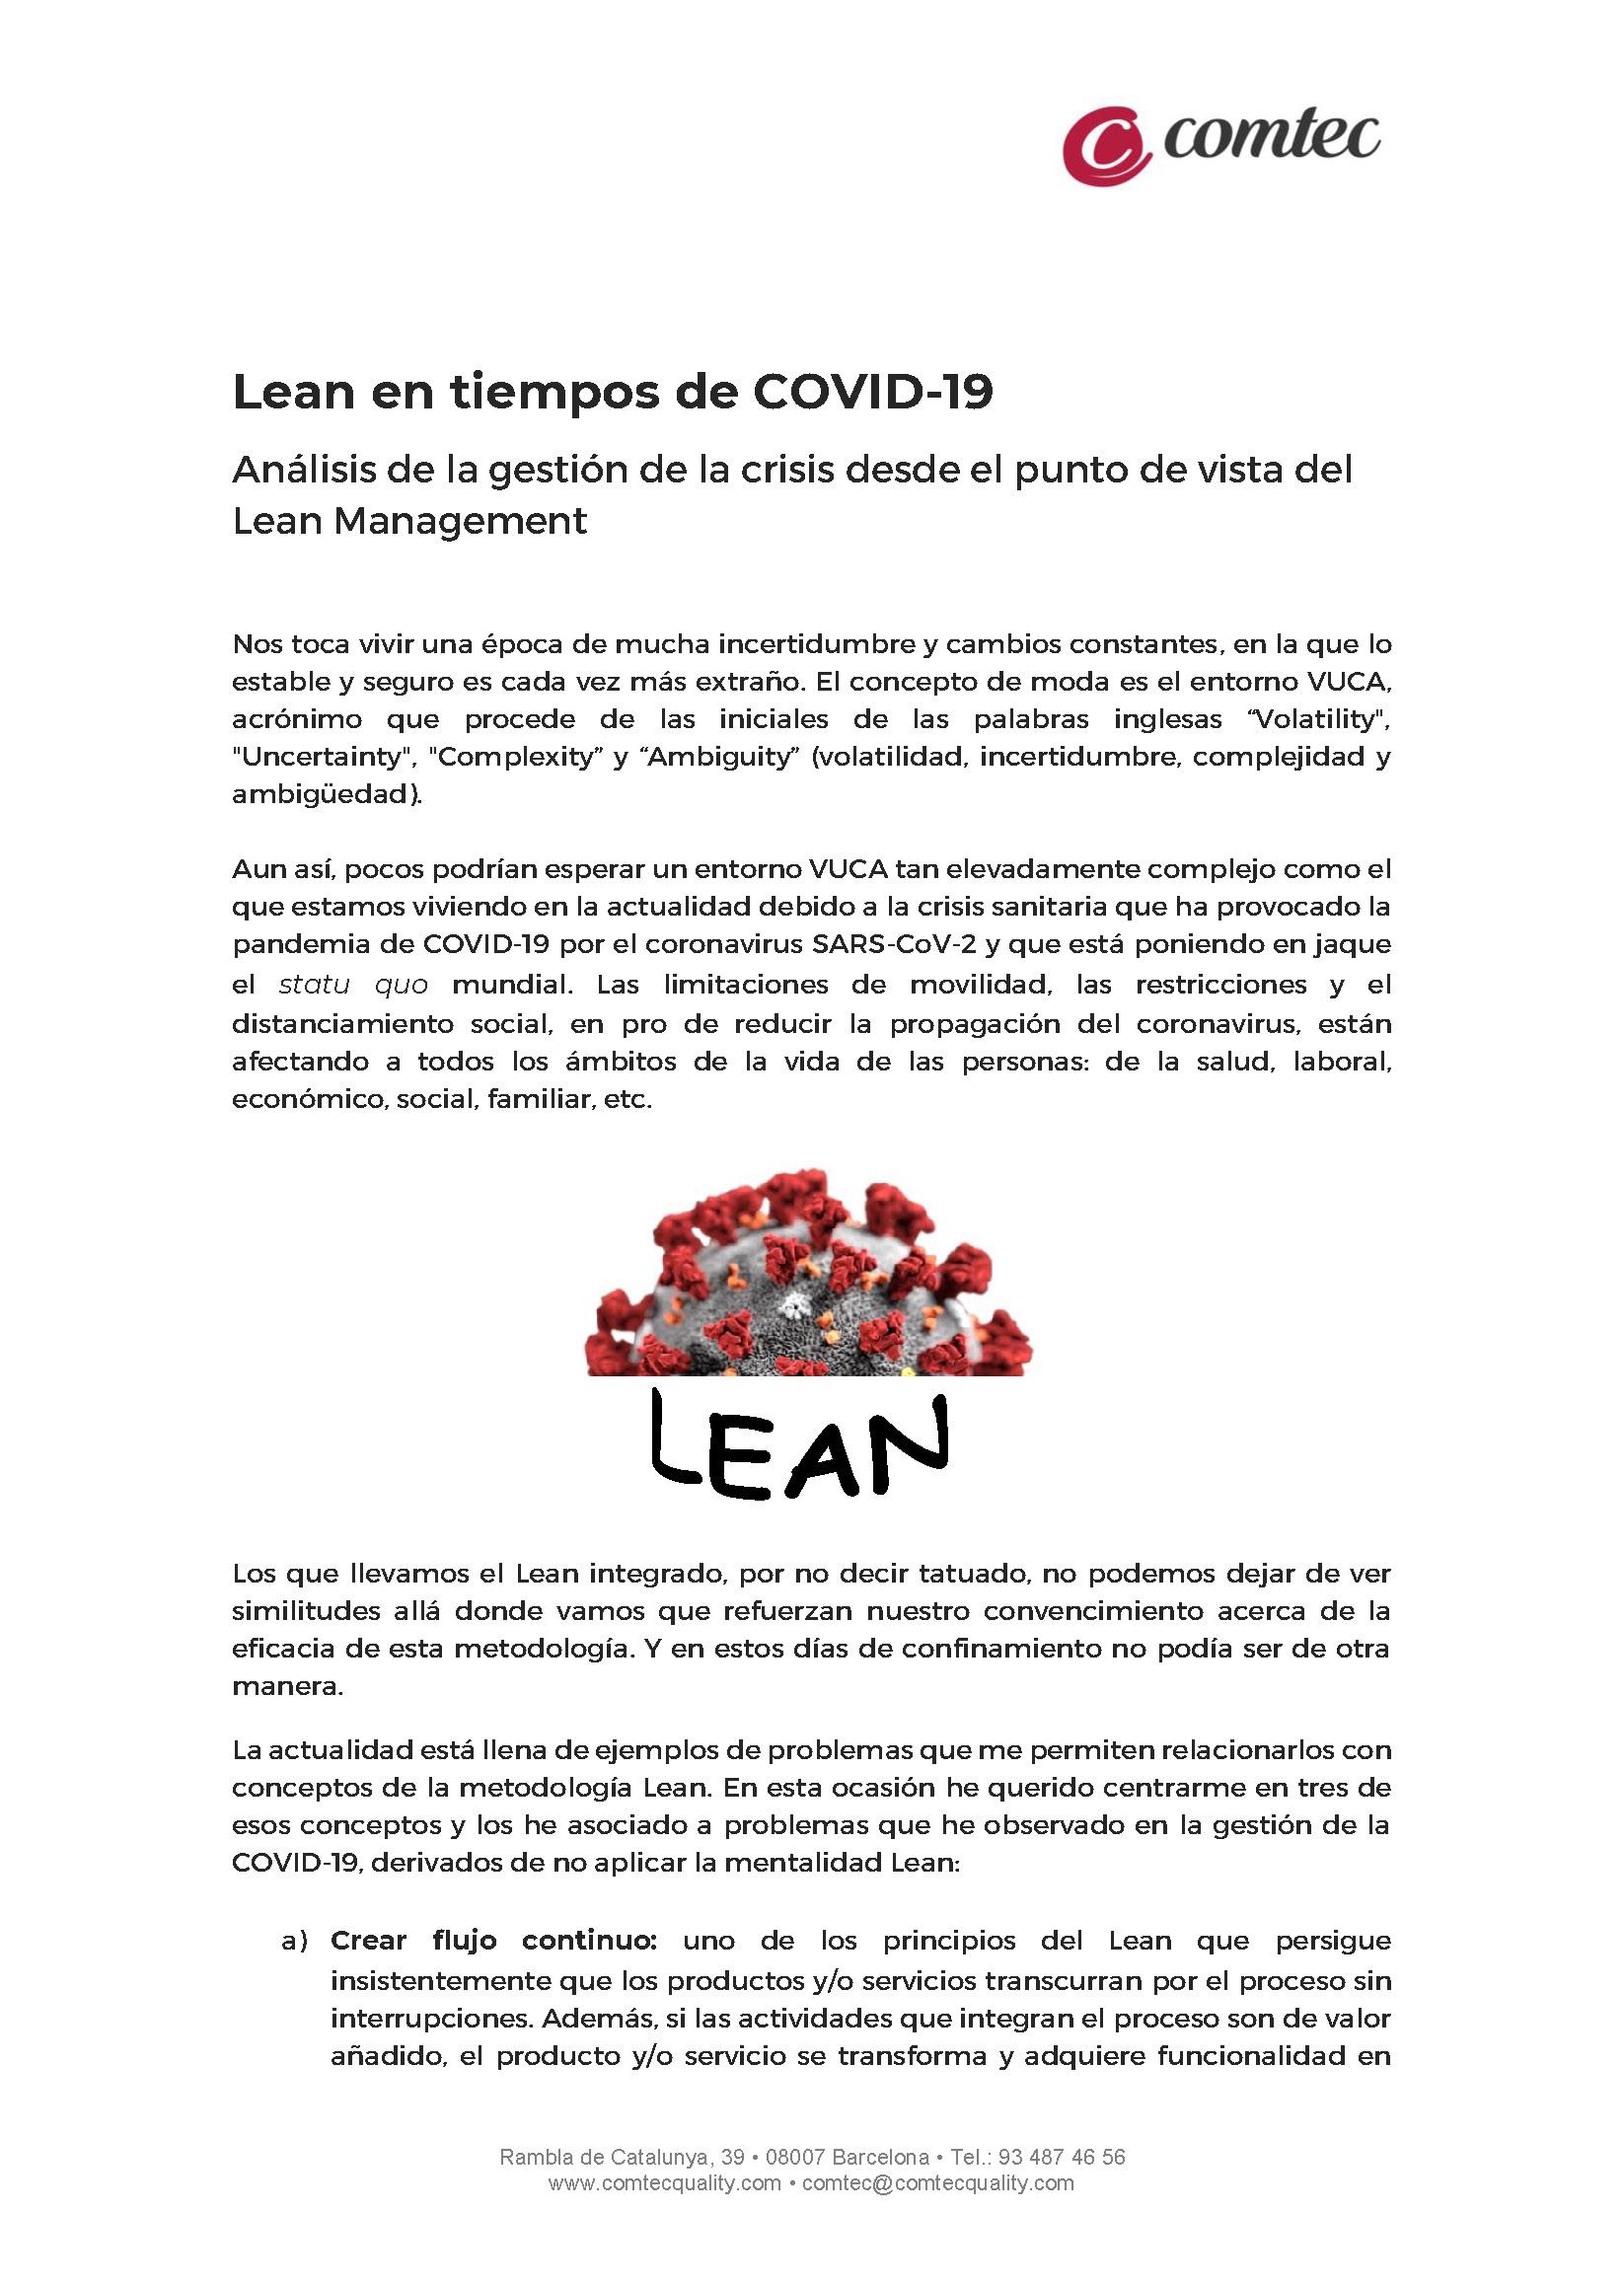 COMTEC_Lean en tiempos de COVID-19_Página_1